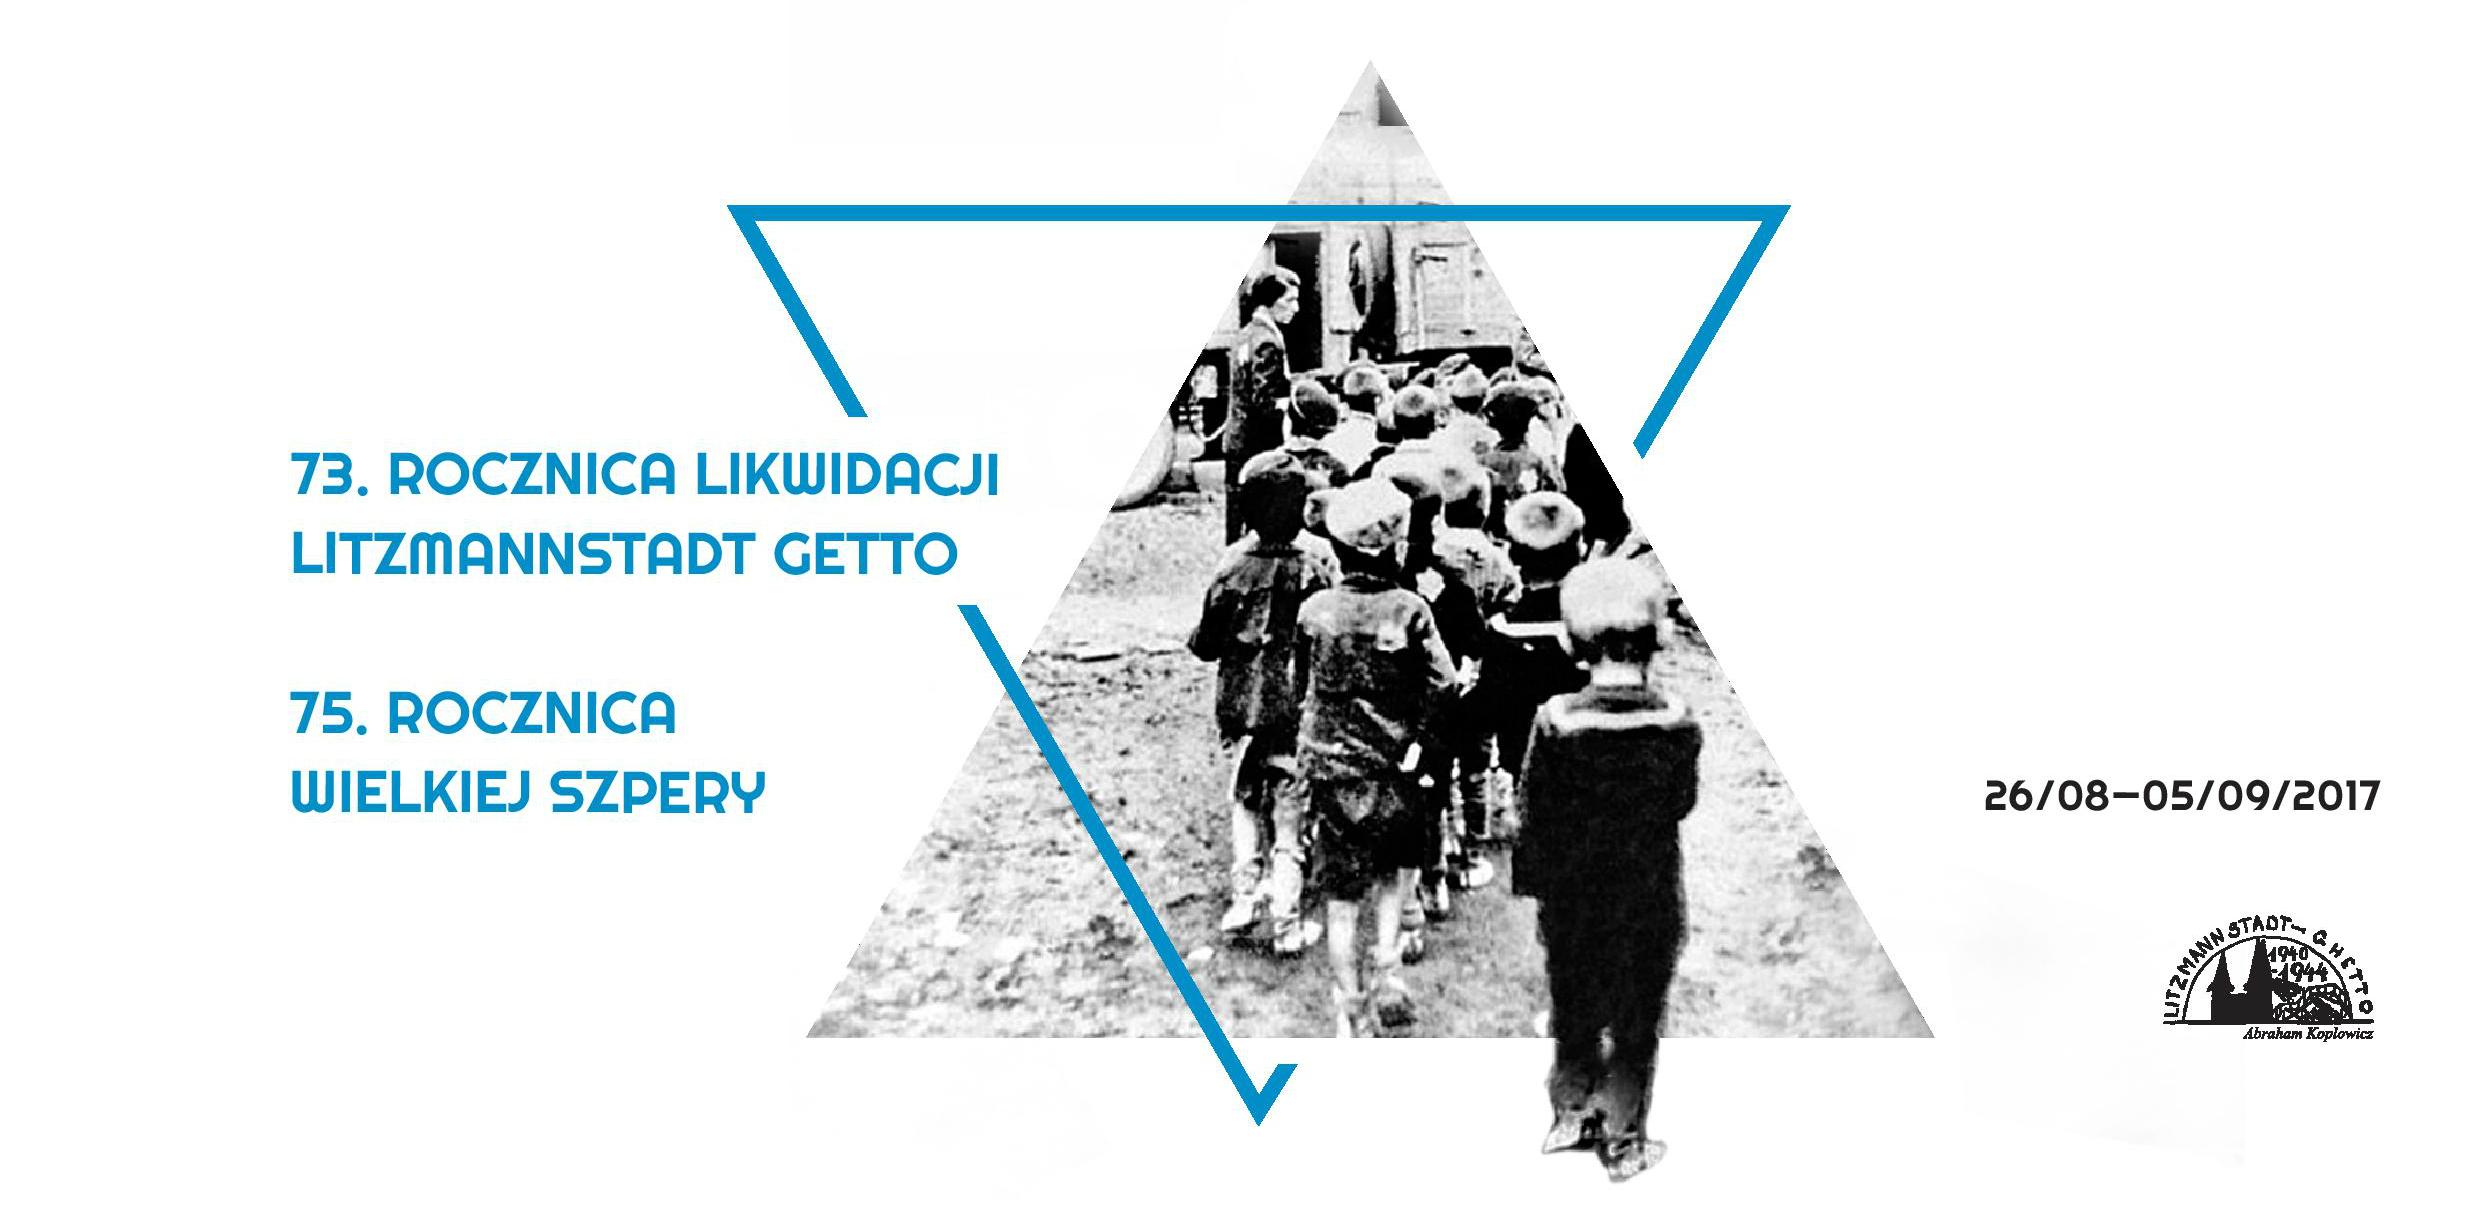 73. Rocznica likwidacji Litzmannstadt Getto oraz 75. rocznica Wielkiej Szpery (źródło: materiały prasowe organizatora)